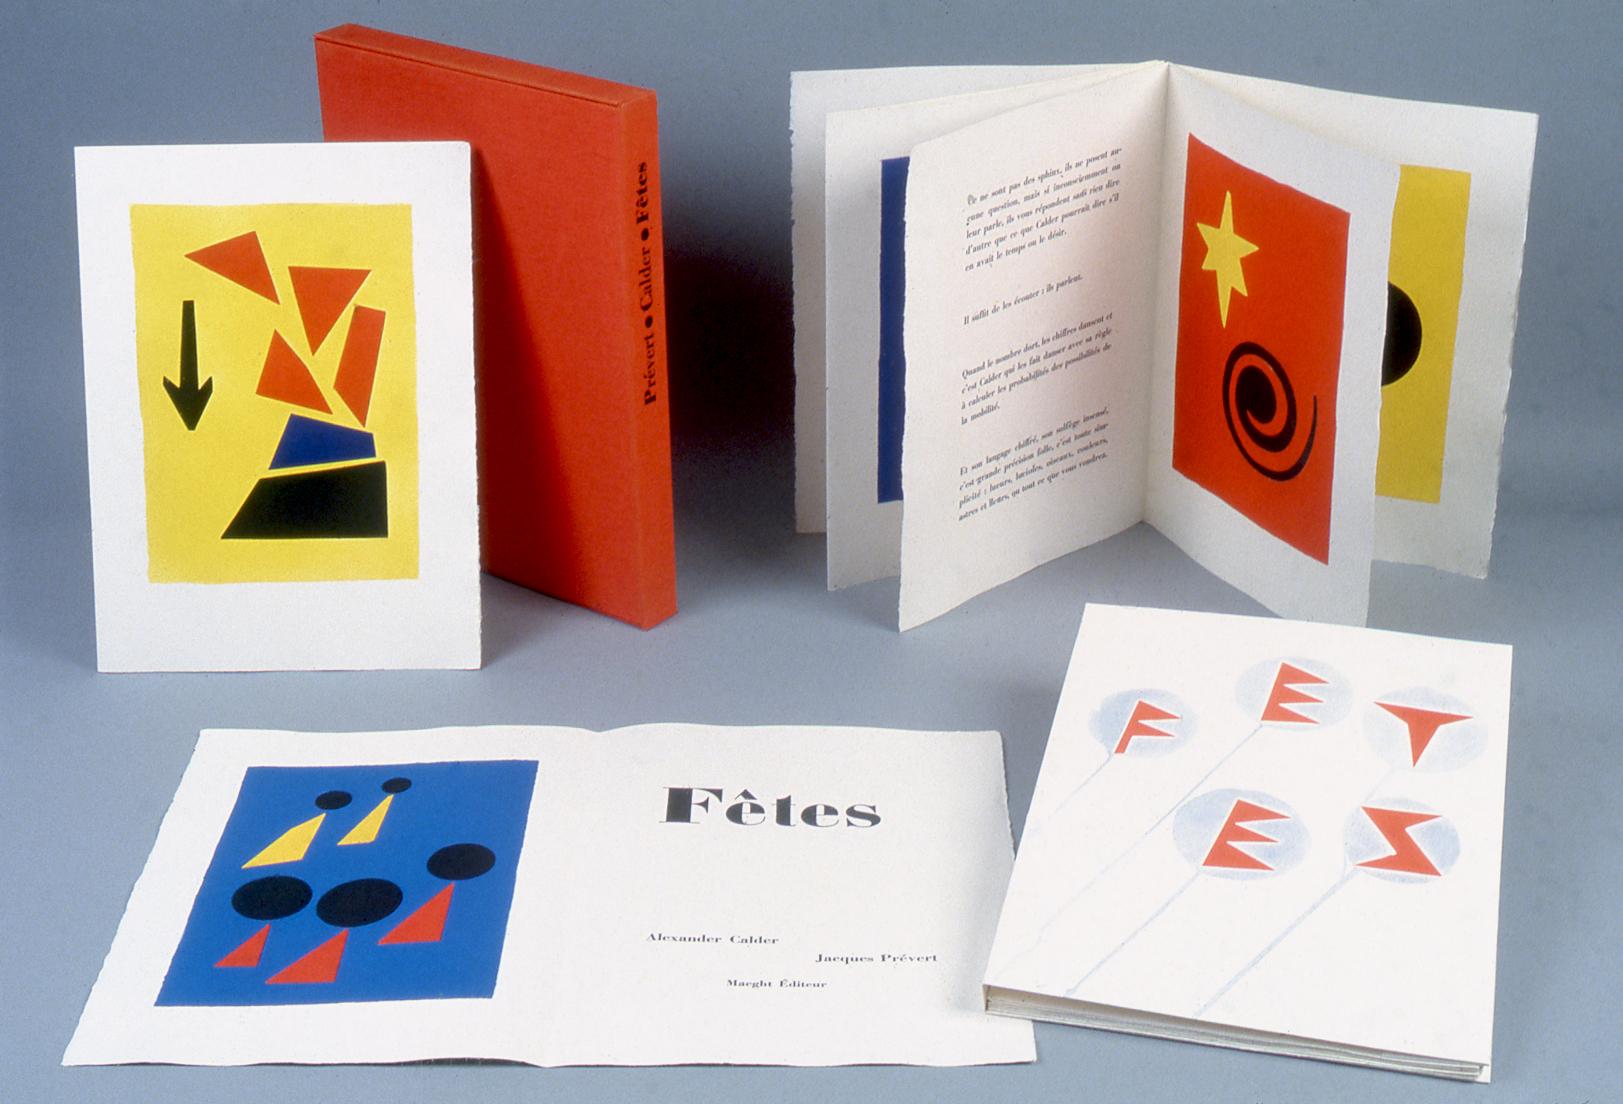 Fêtes  (1970)  Texte de Jacques Prévert, illustré par Alexander Calder, édité par Maeght Editeur  © Maeght Editeur, Paris